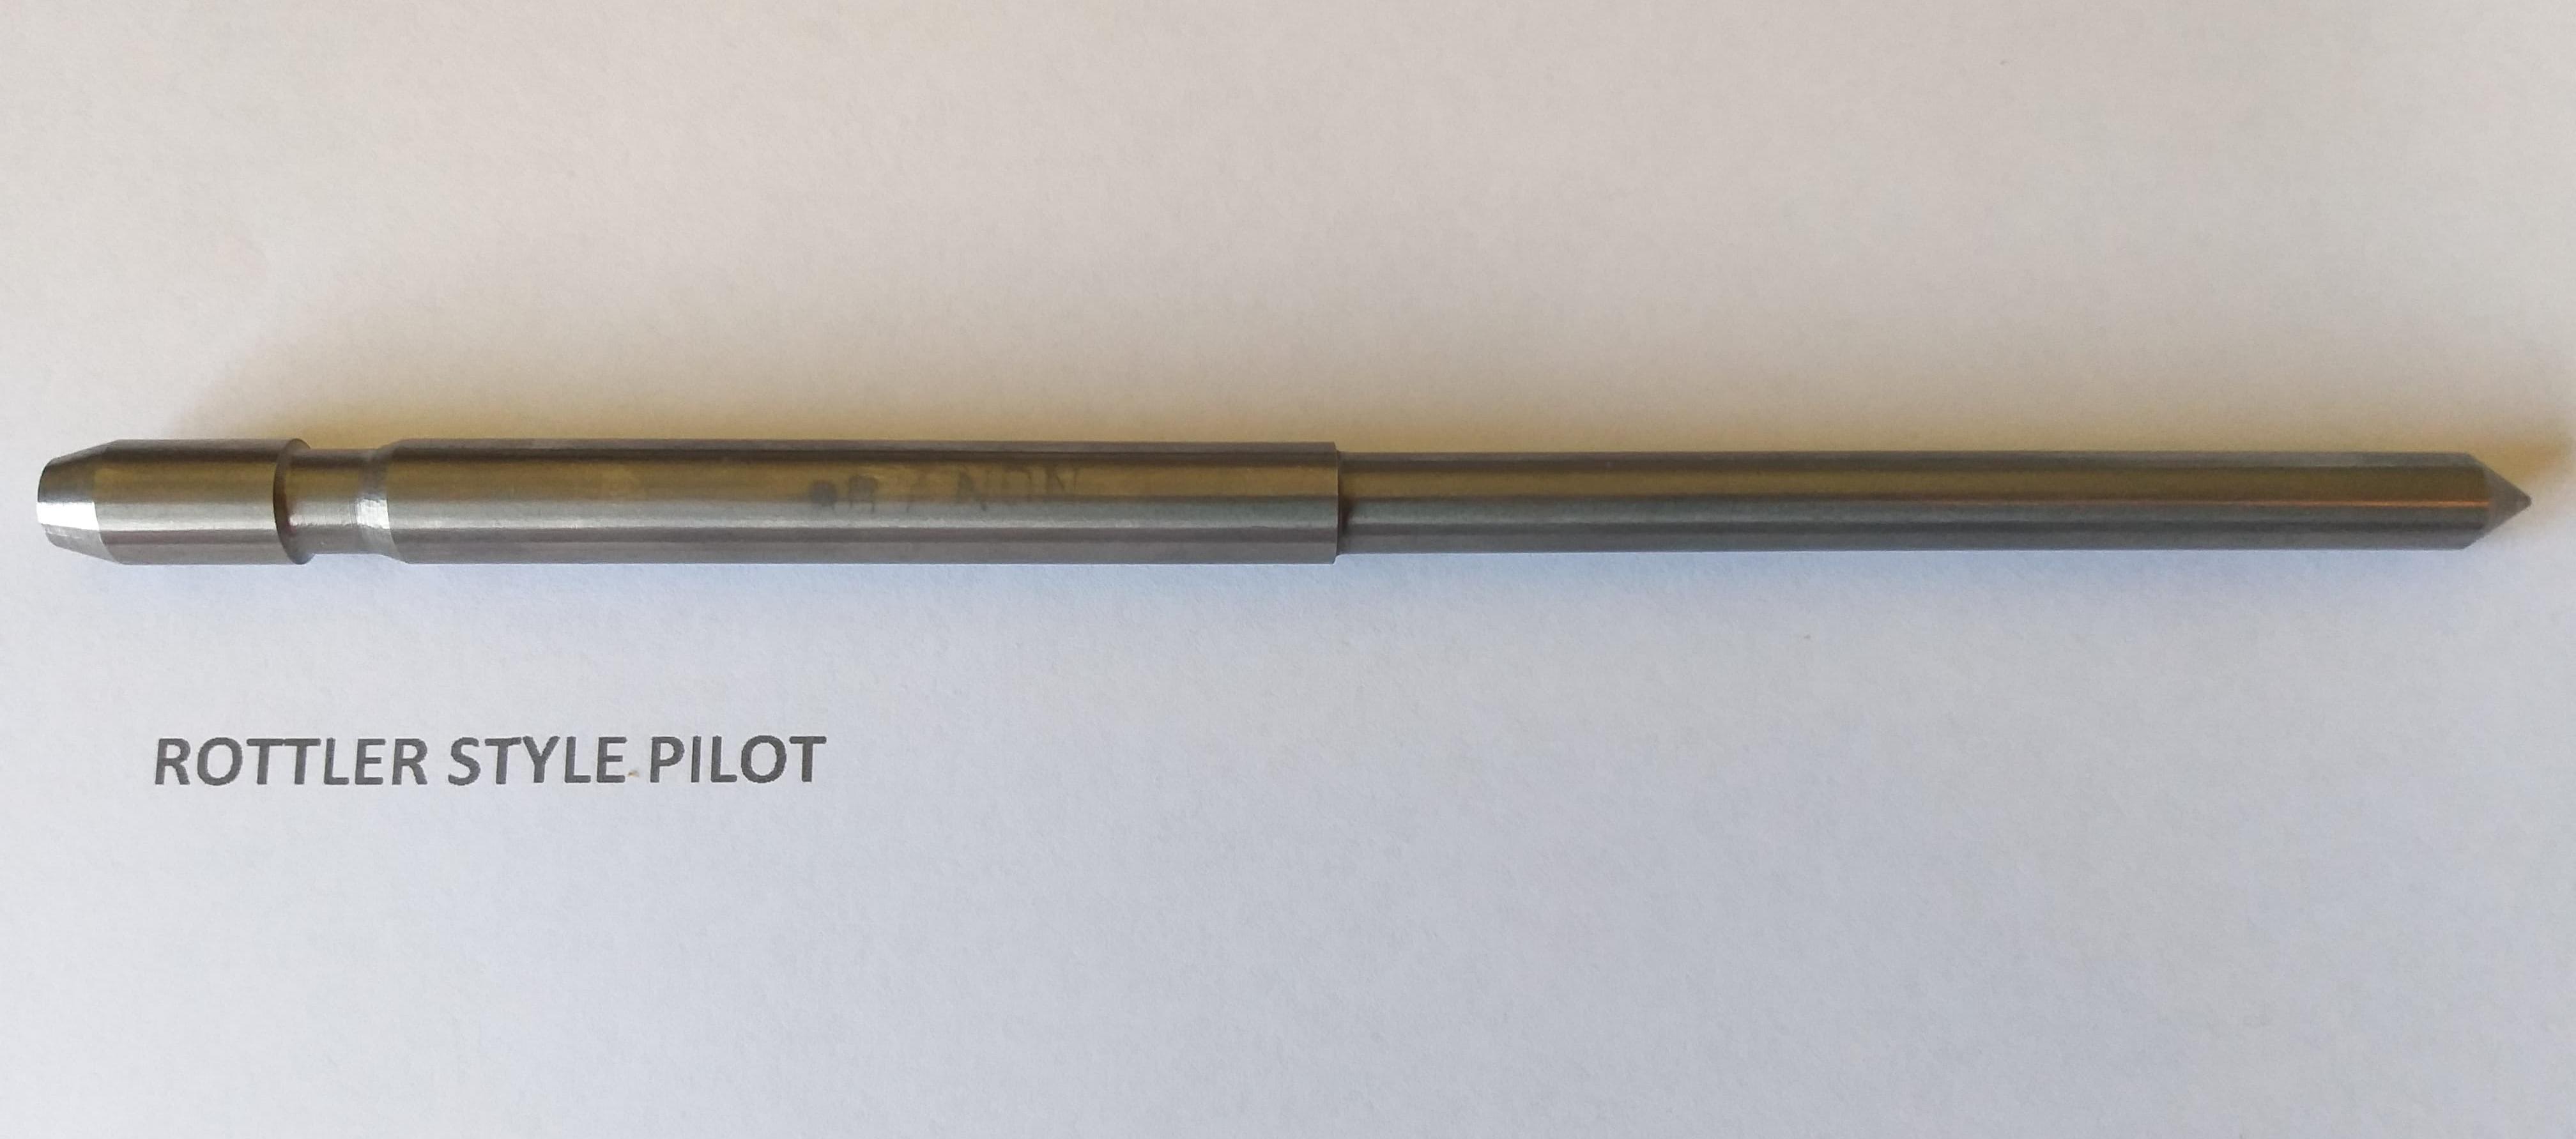 Rottler Pilot 3.jpg